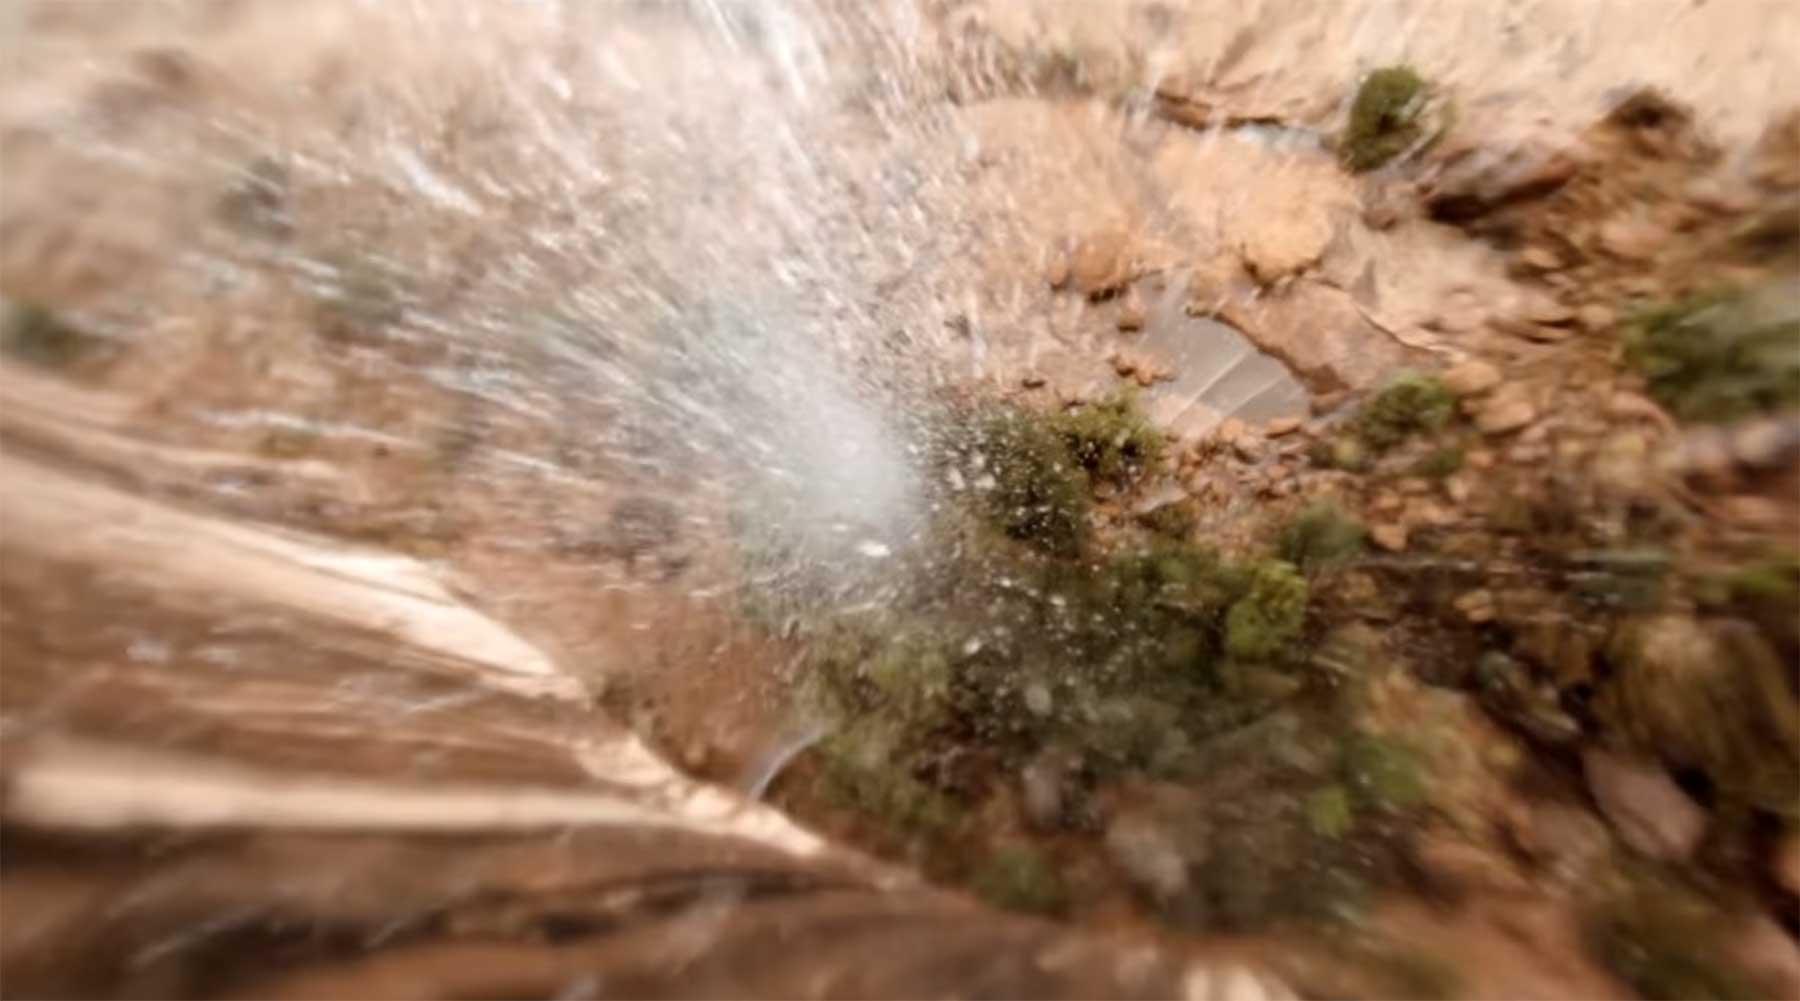 Mit der Kameradrohne durch Wasserfälle fliegen kameradrohne-durch-wasserfall